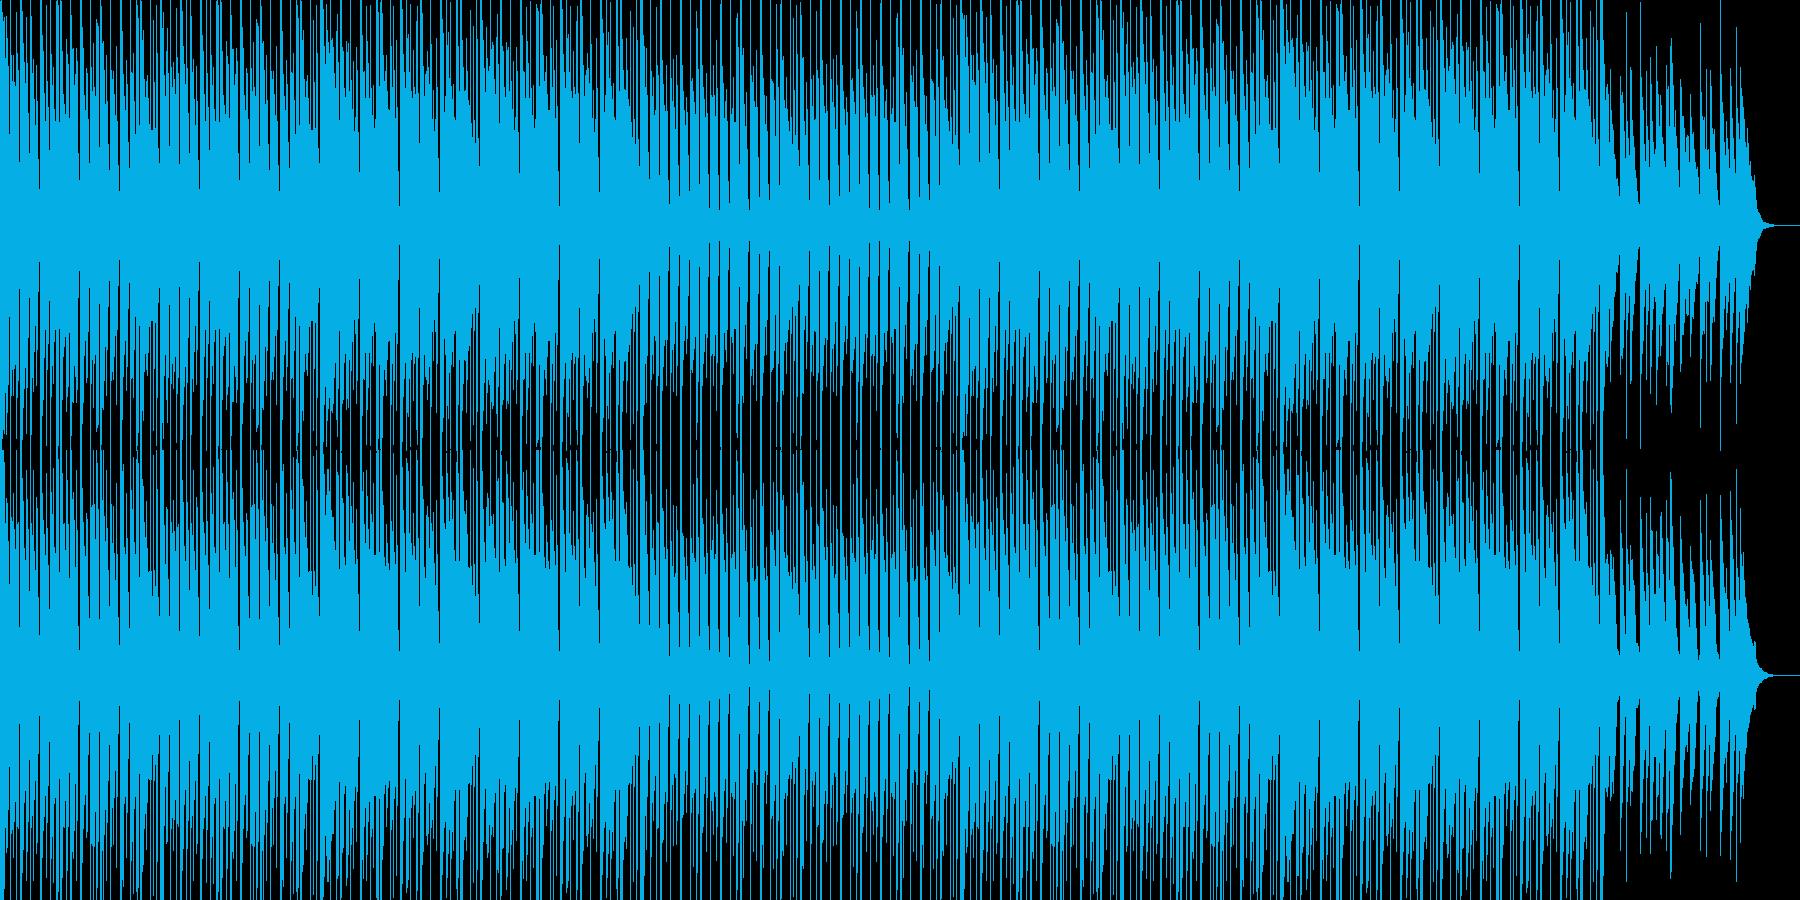 跳ねるマリンバのリズムの明るいポップスの再生済みの波形